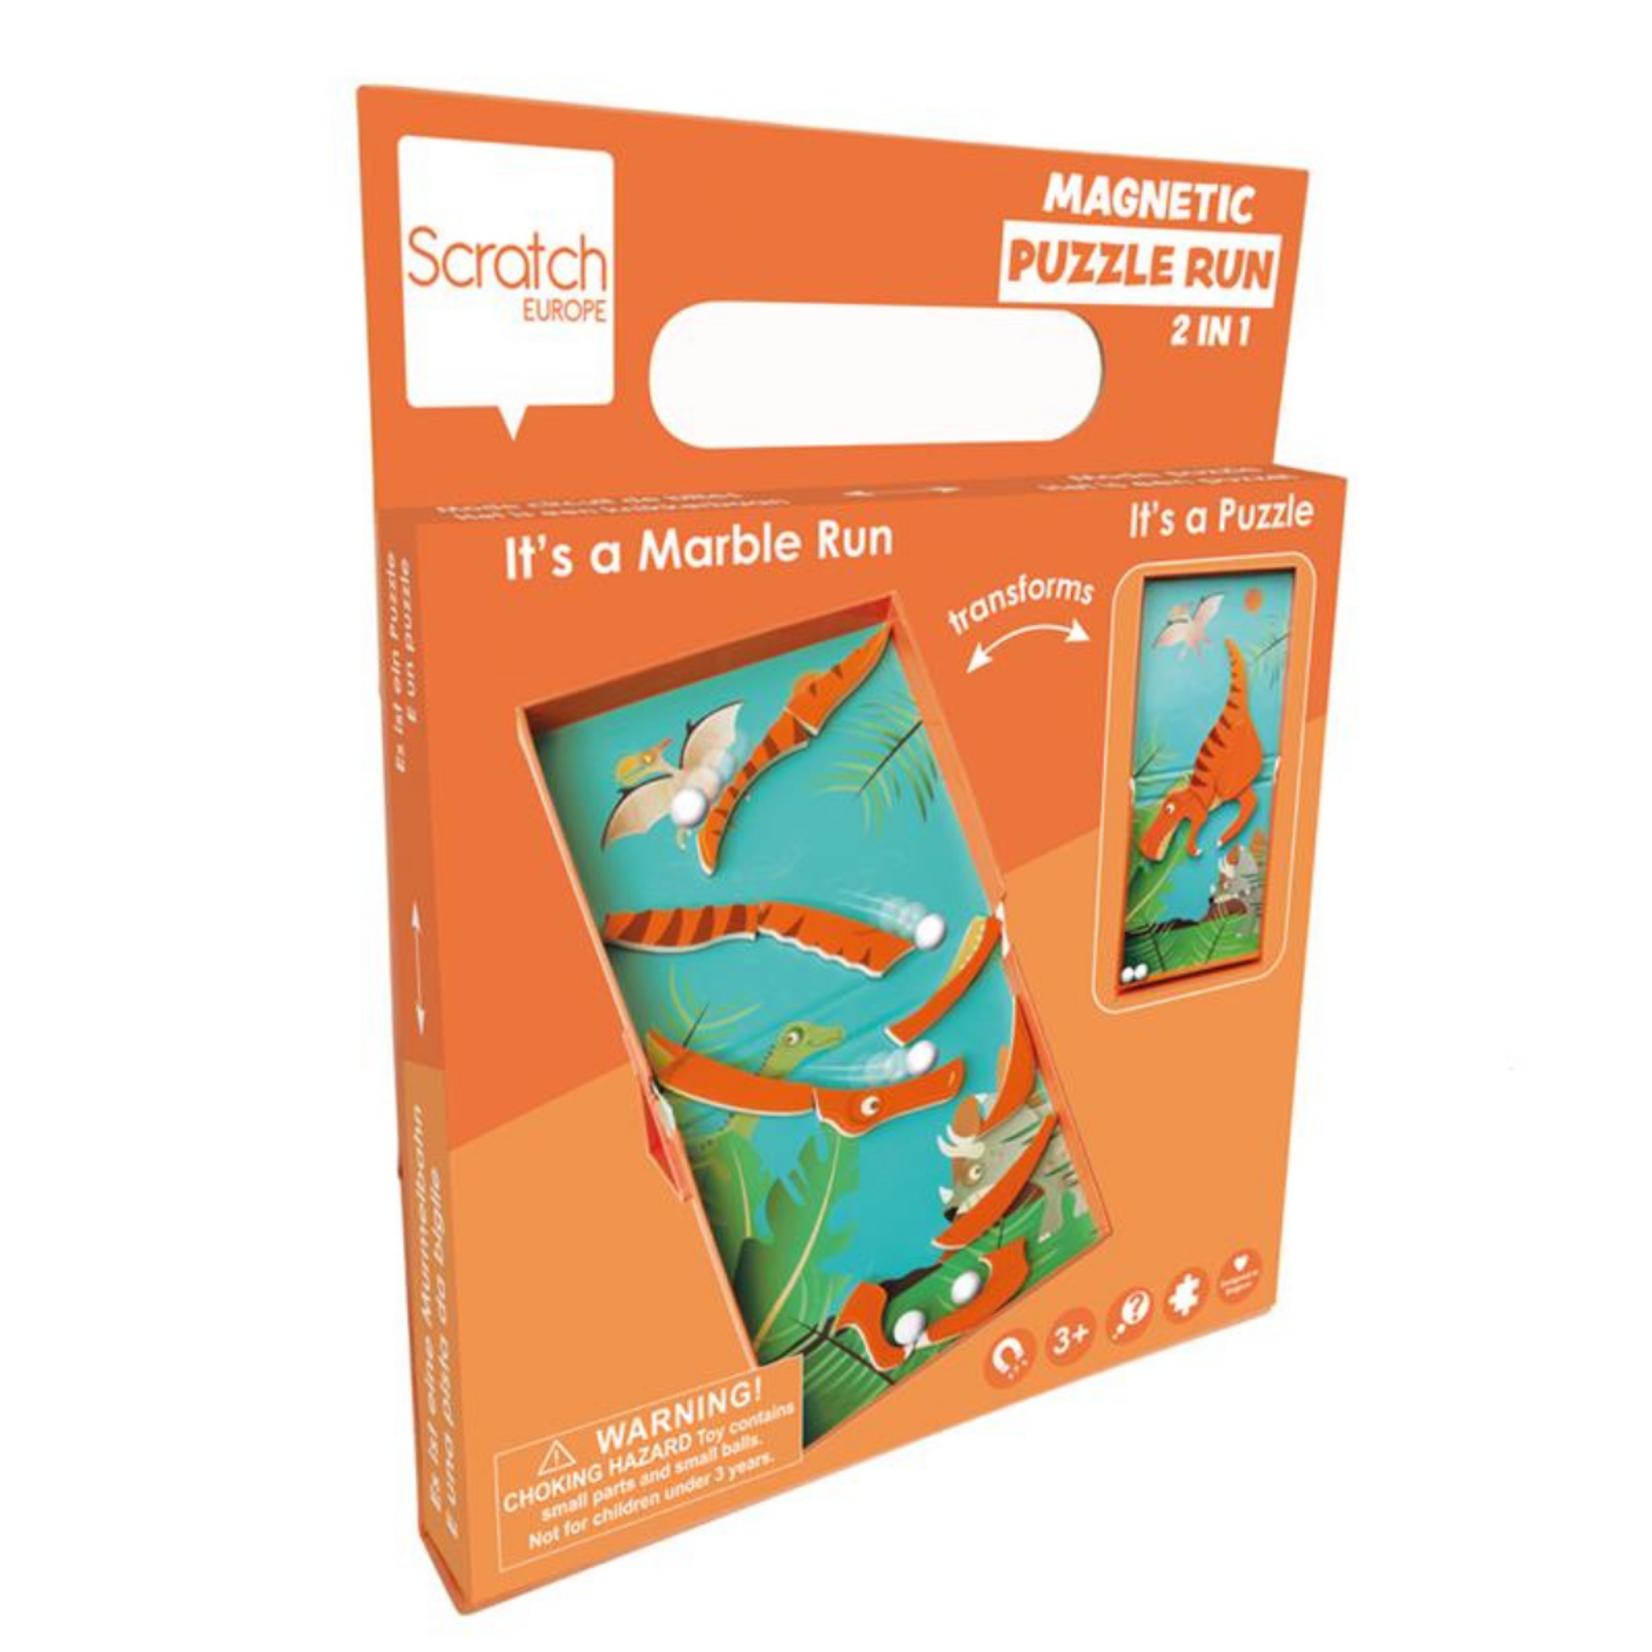 Scratch Magnetische puzzel - Dino